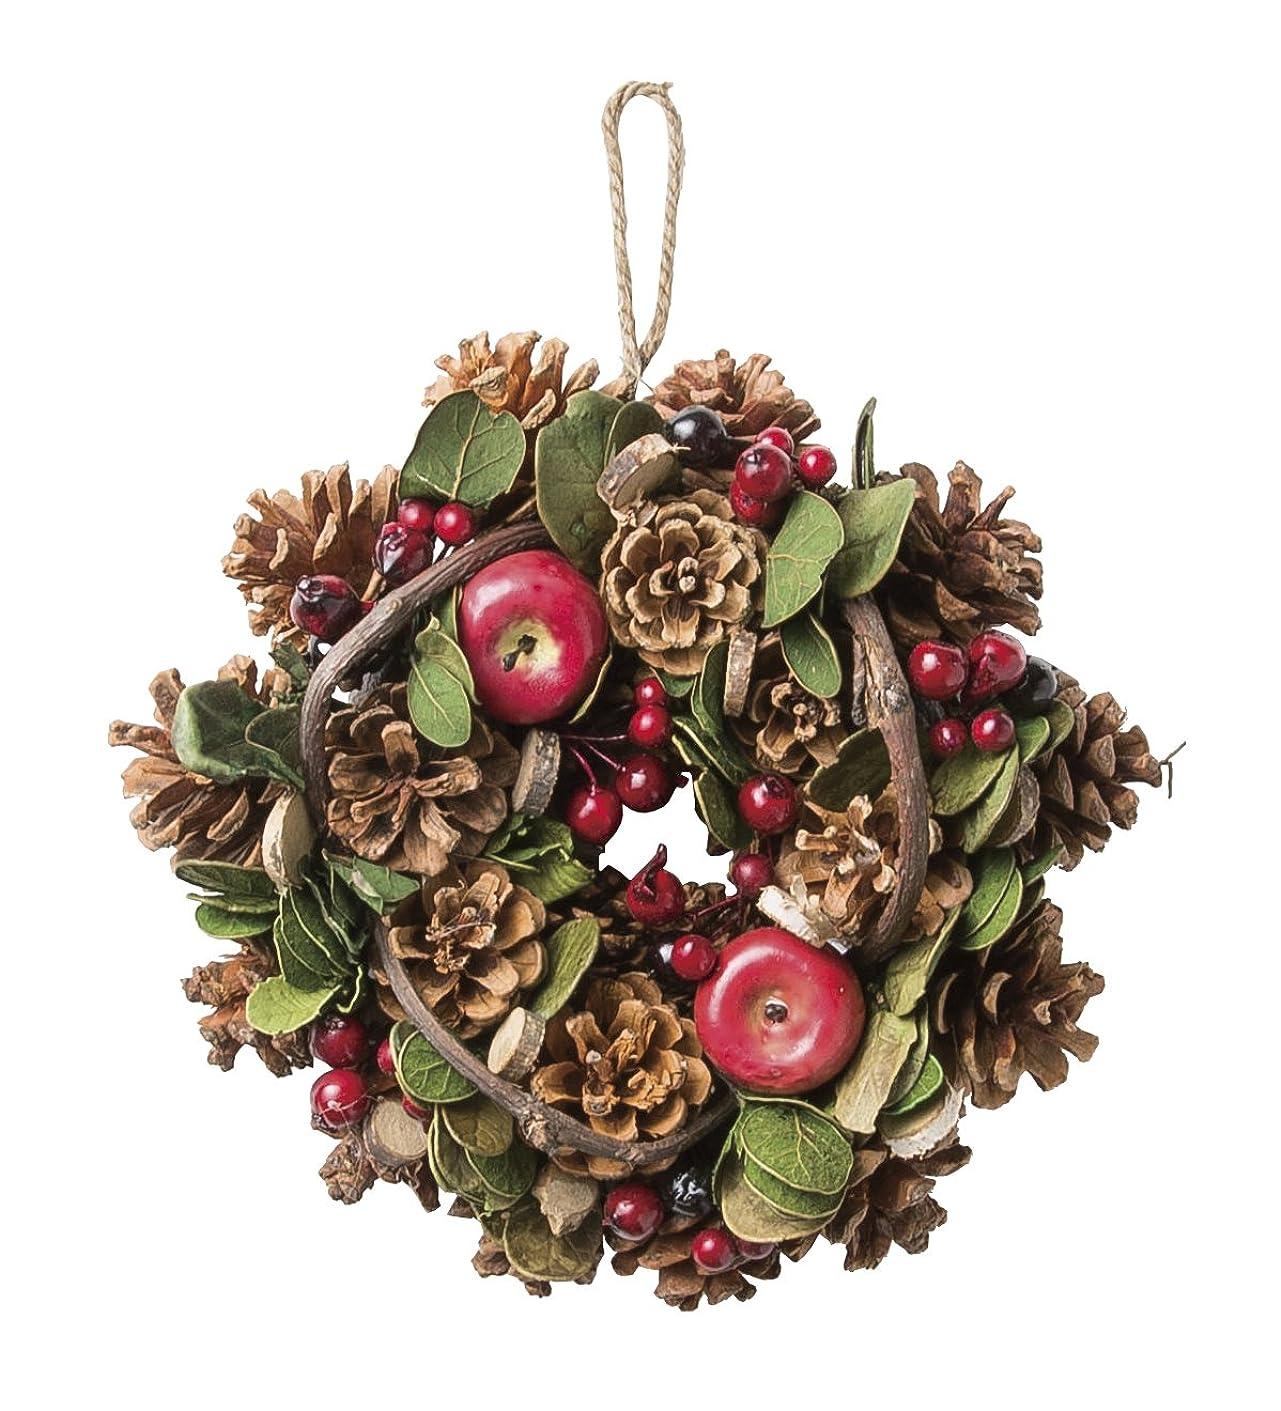 面積成功保護する大橋新治商店 木の実のリース Natural Wreath リース 20cm 木の実ミックス 28-004